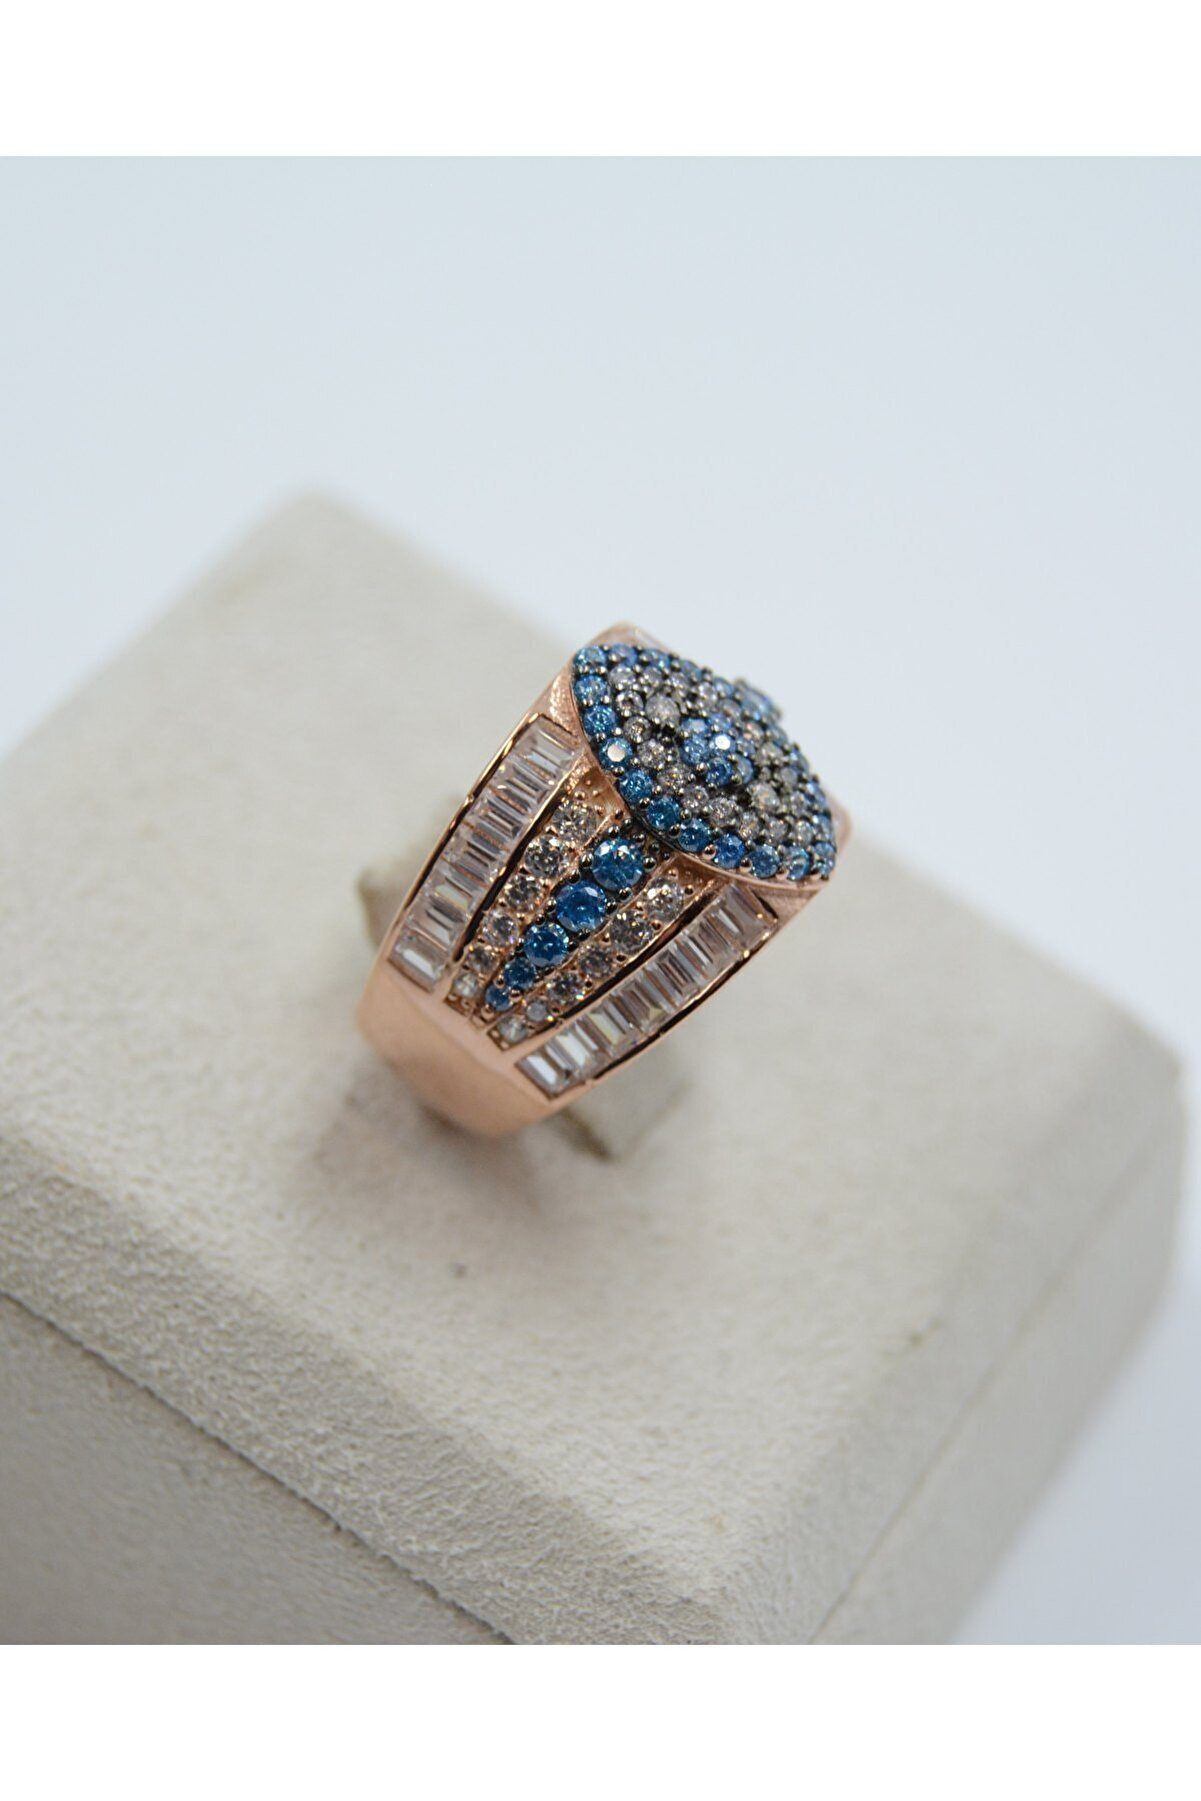 Swarovski Göz Desenli Mavi Zirkon Taşlı 925 Ayar Gümüş Kadın Yüzük